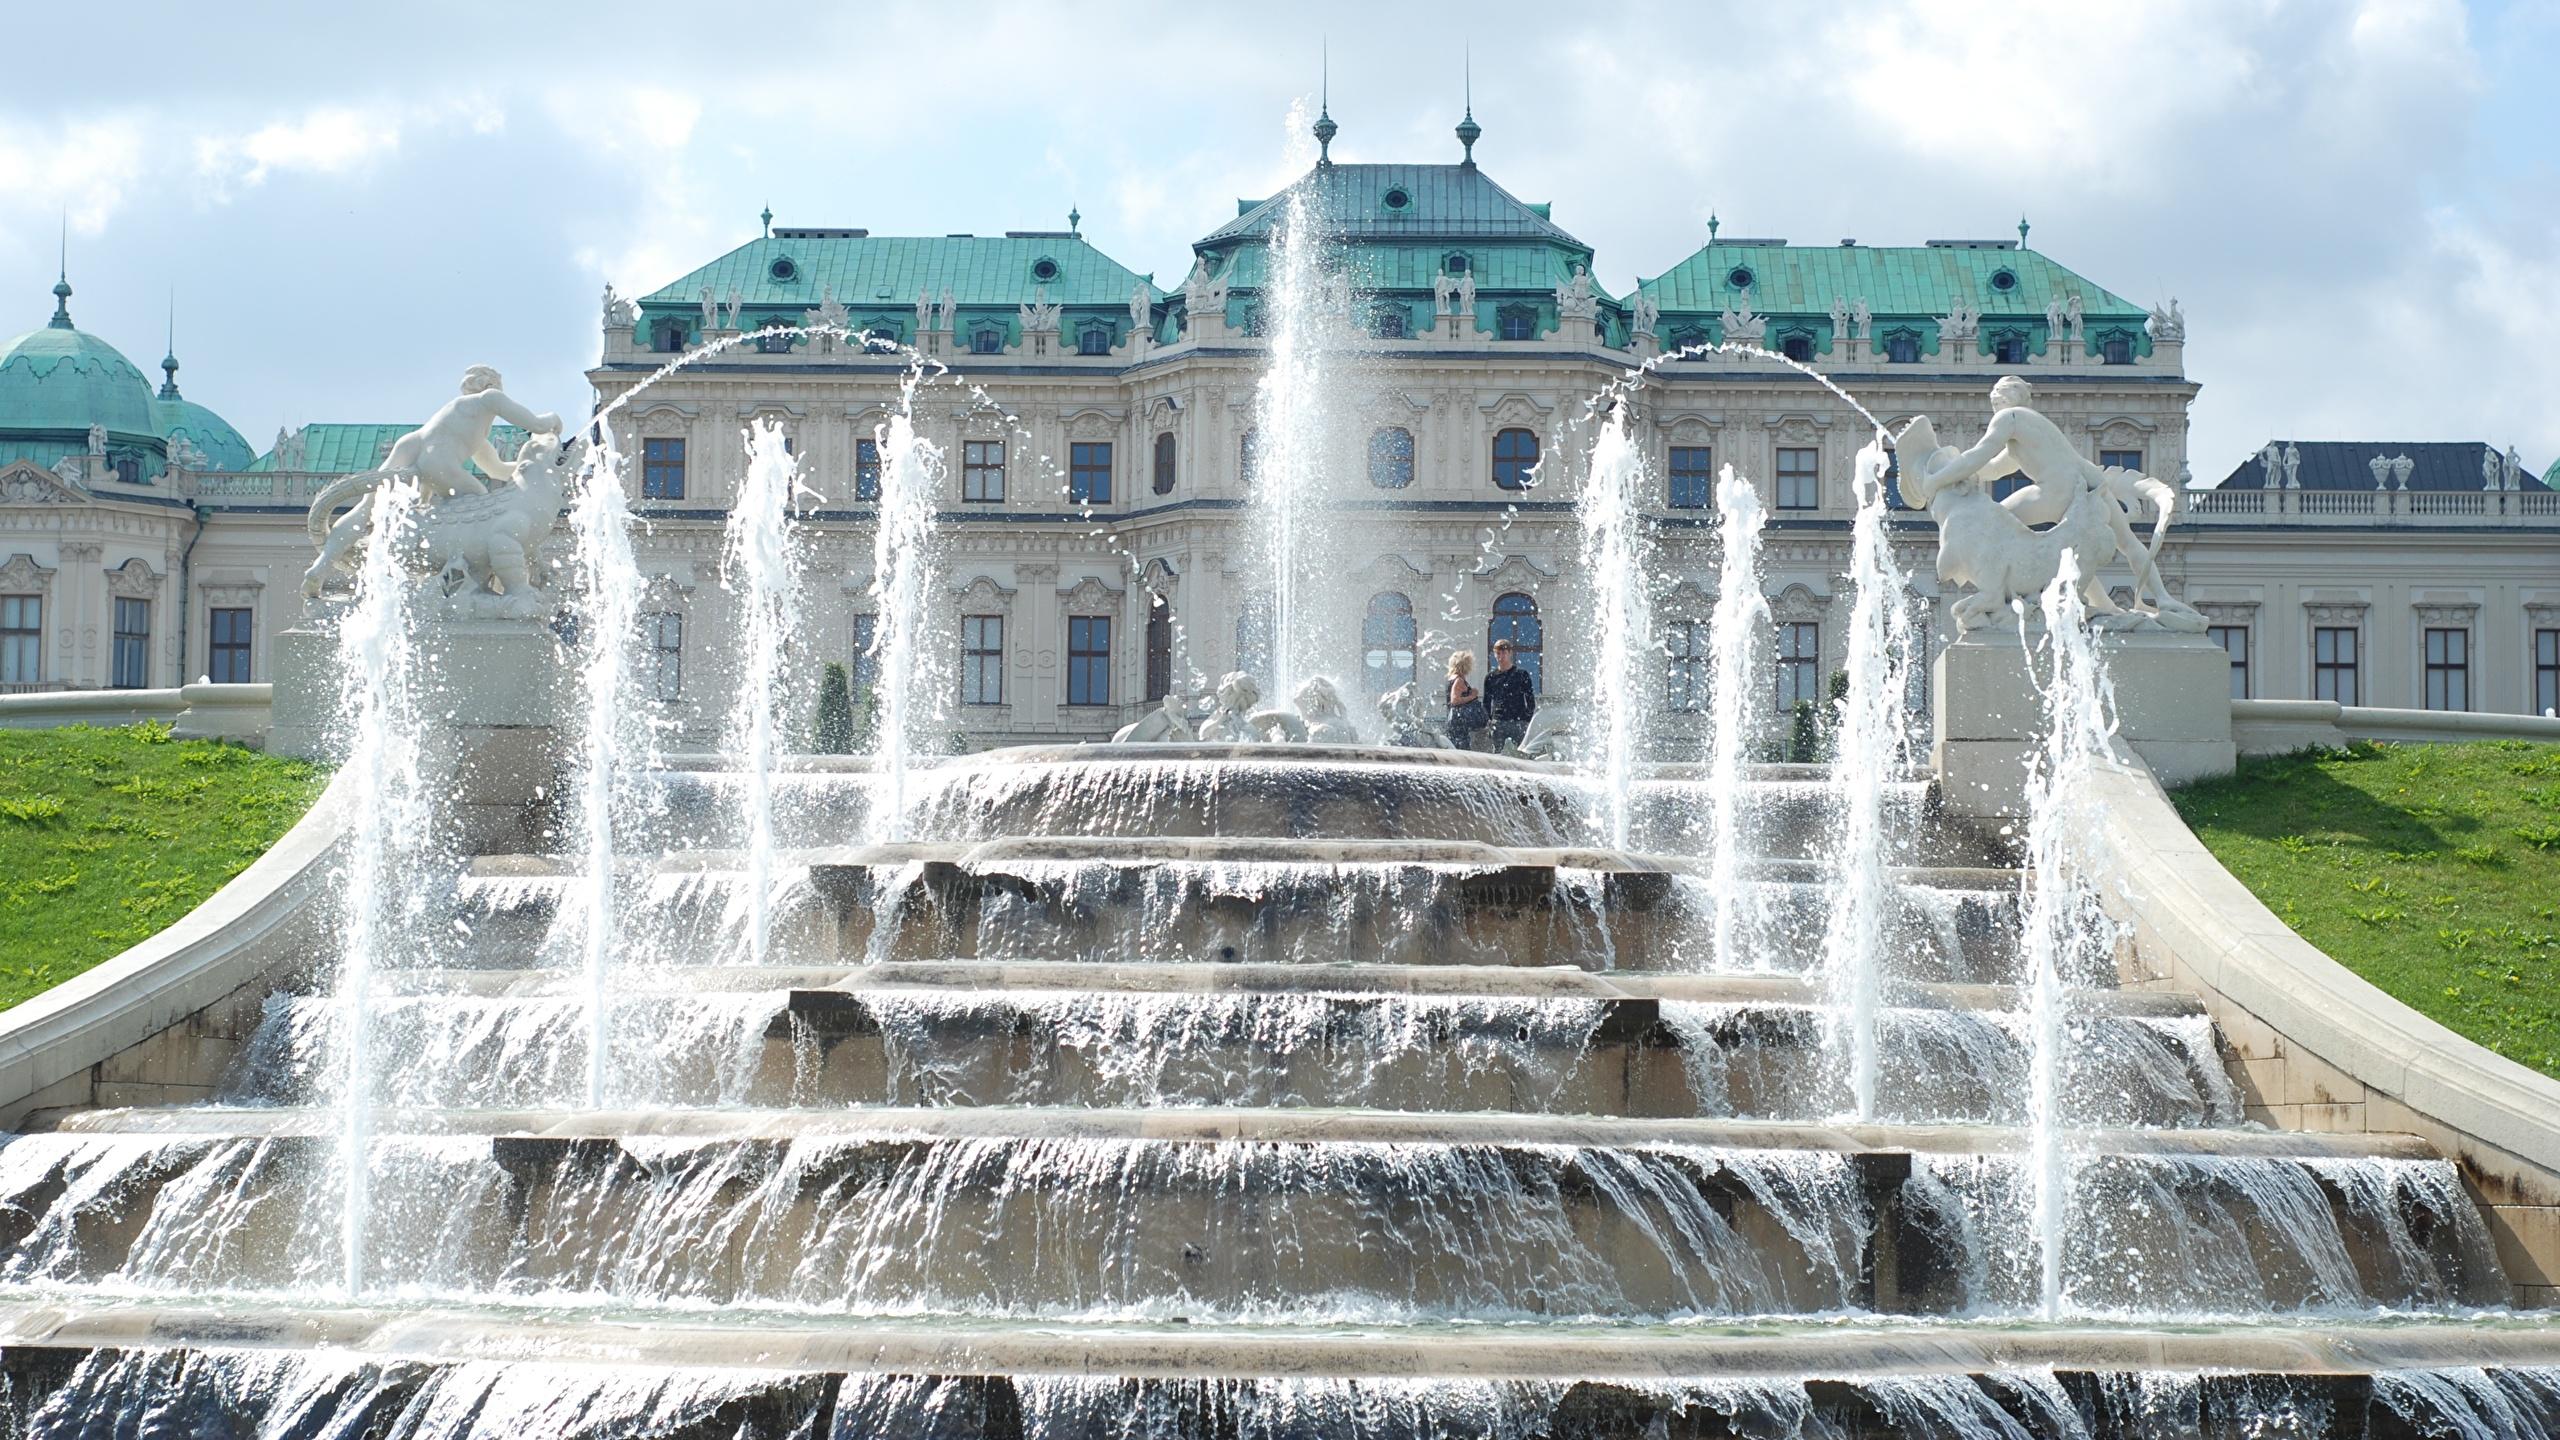 Фотографии Вена дворца Австрия Фонтаны Palace complex Belvedere Города скульптура 2560x1440 Дворец город Скульптуры